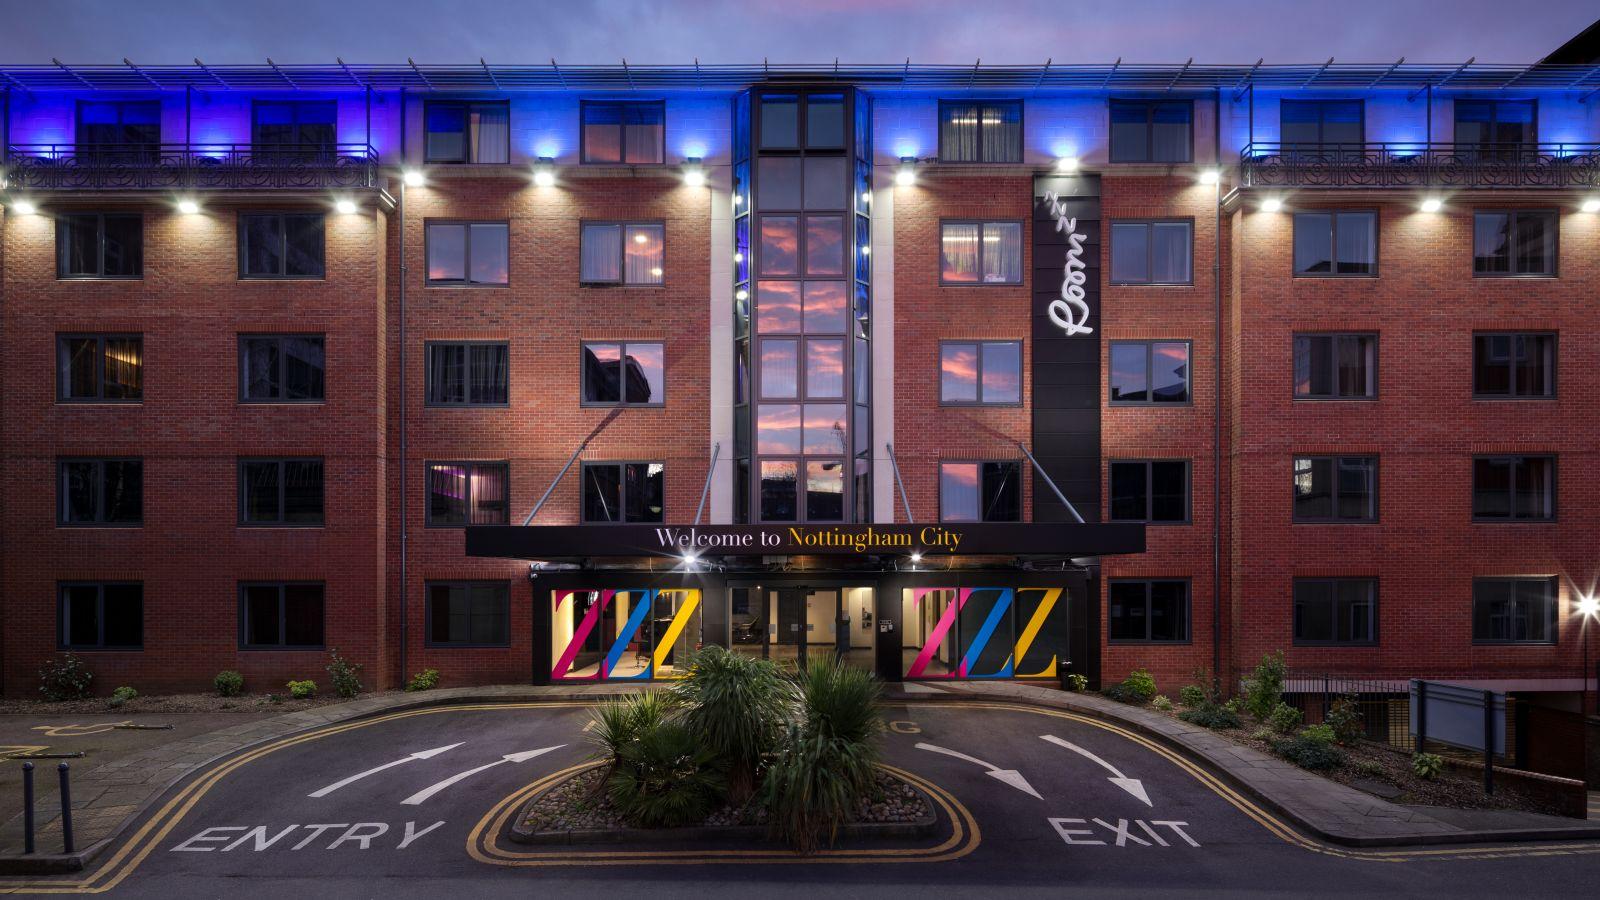 IconInc @ Roomzzz Nottingham External. Student Accommodation in Nottingham